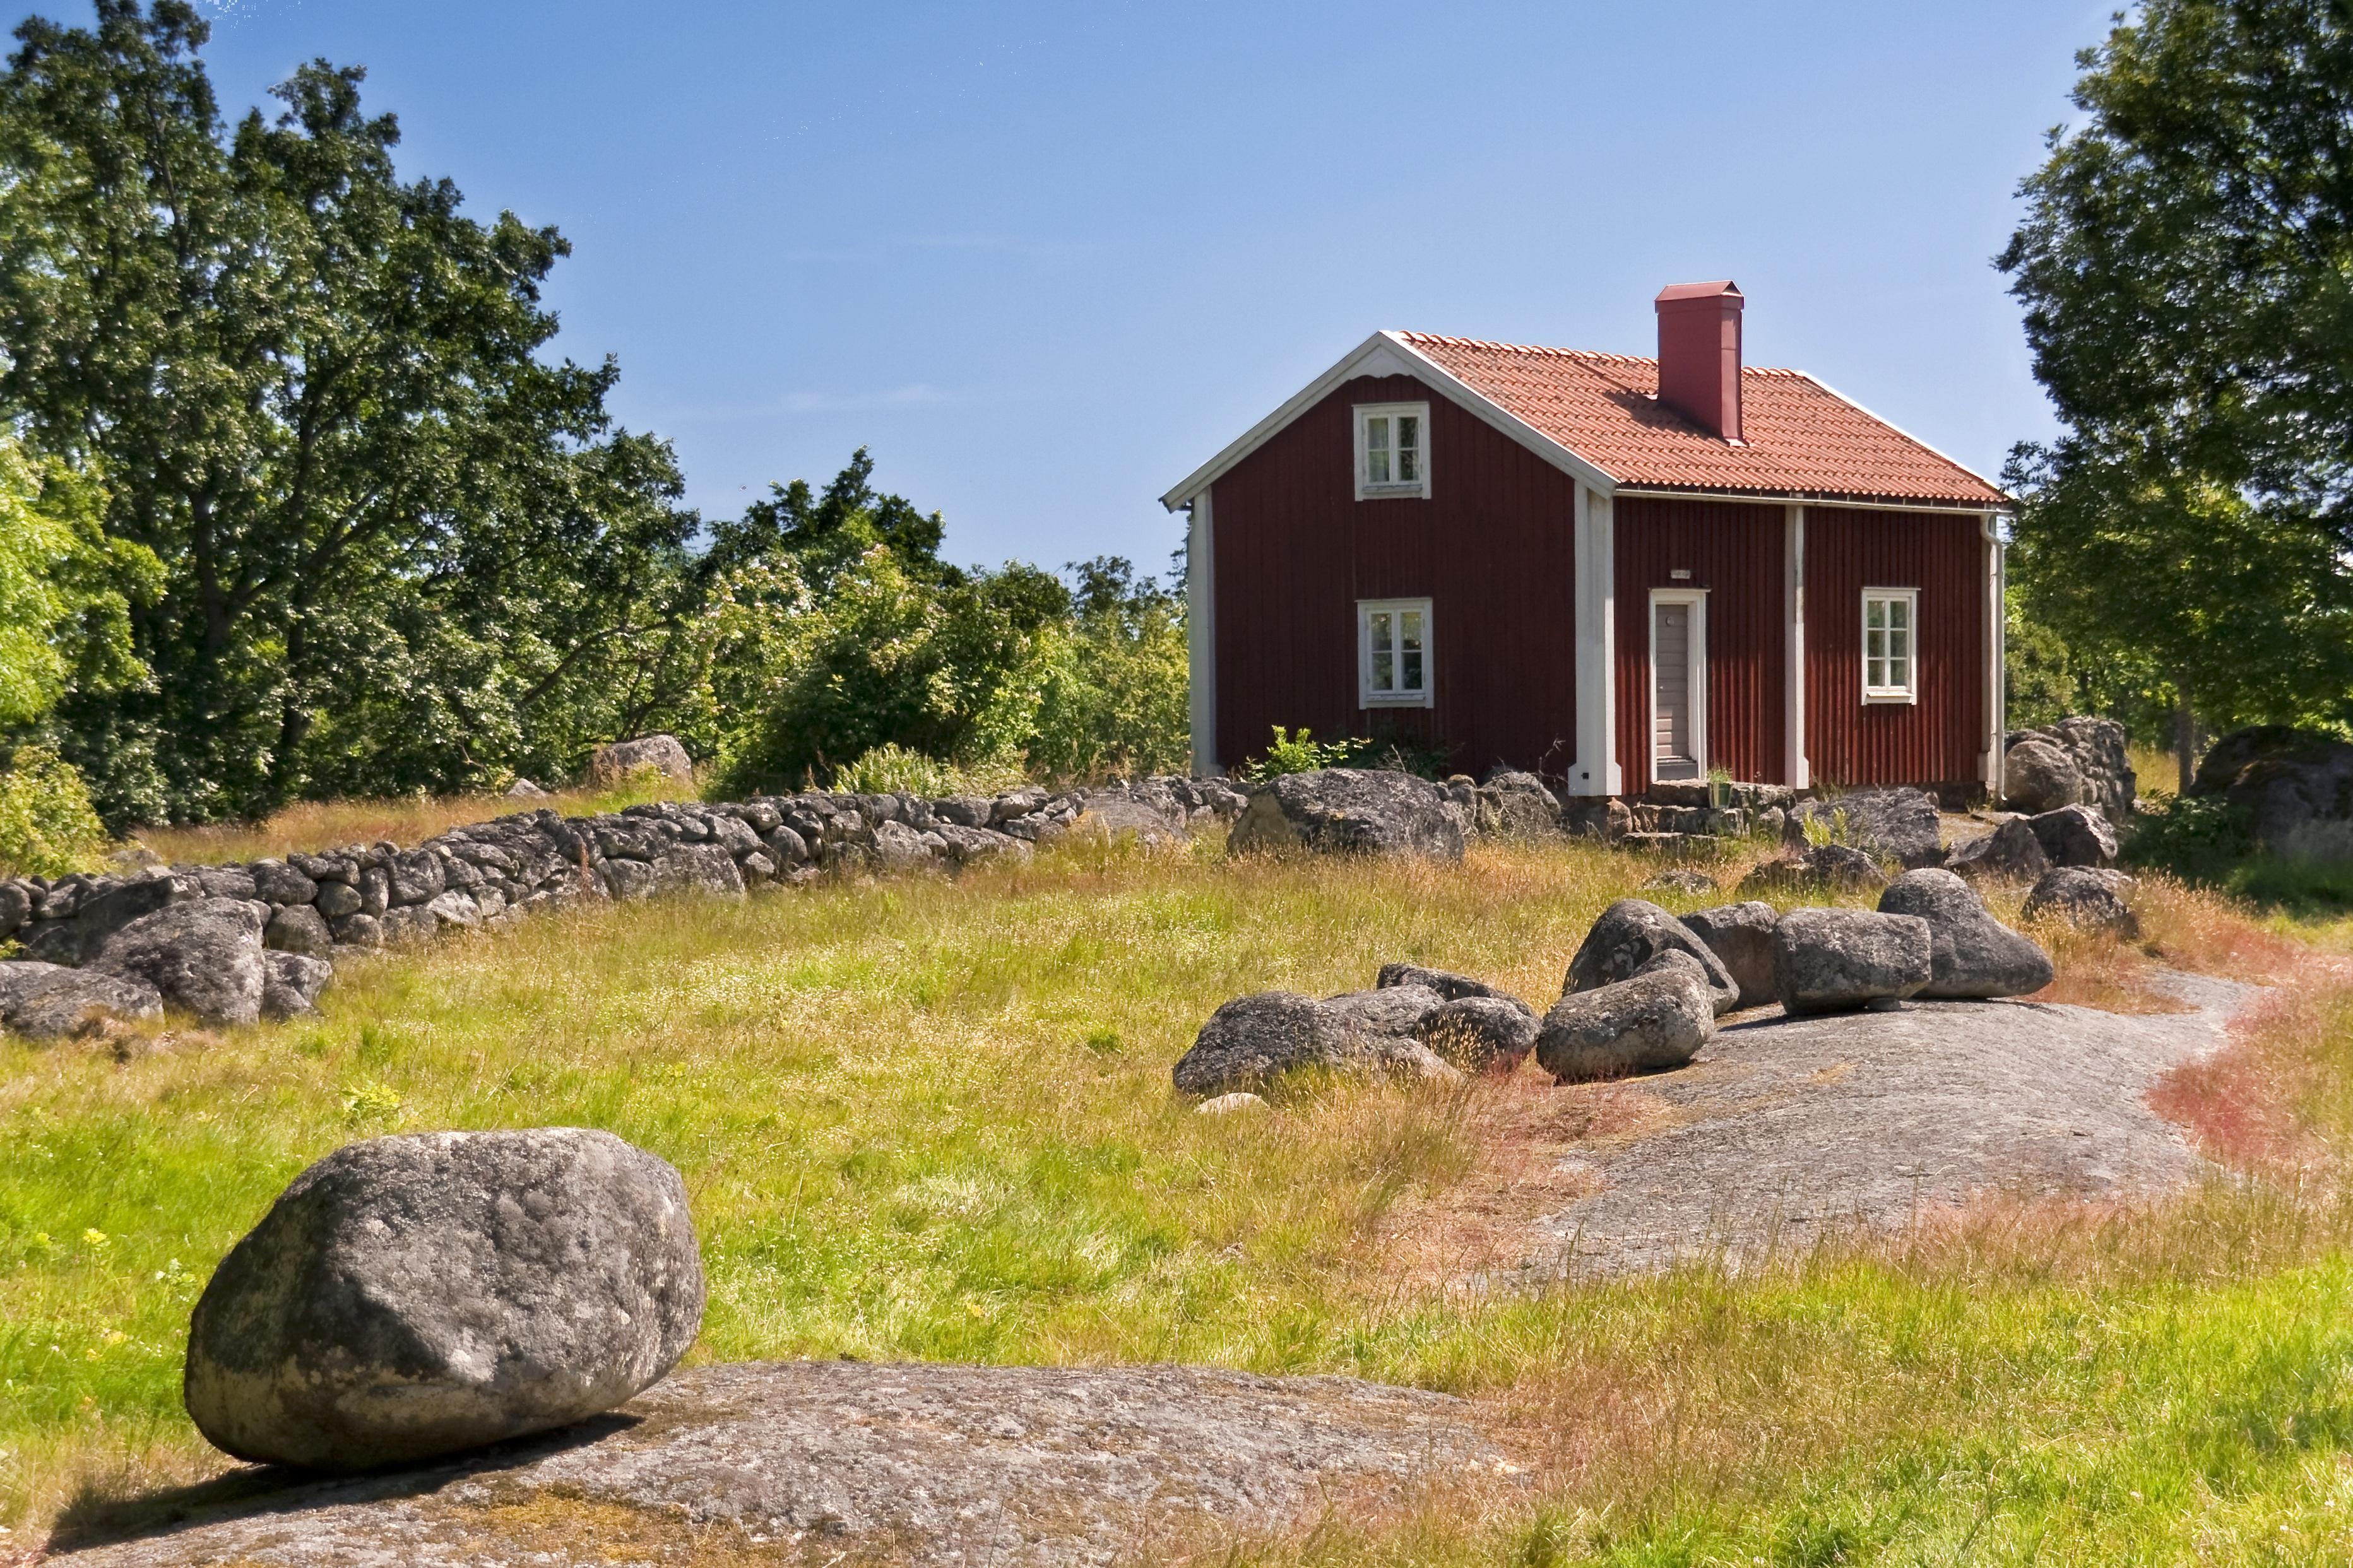 landschaft natur gras rock himmel wiese haus gebude zuhause stein sommer grn rot htte hinterhof - Hinterhof Landschaften Bilder